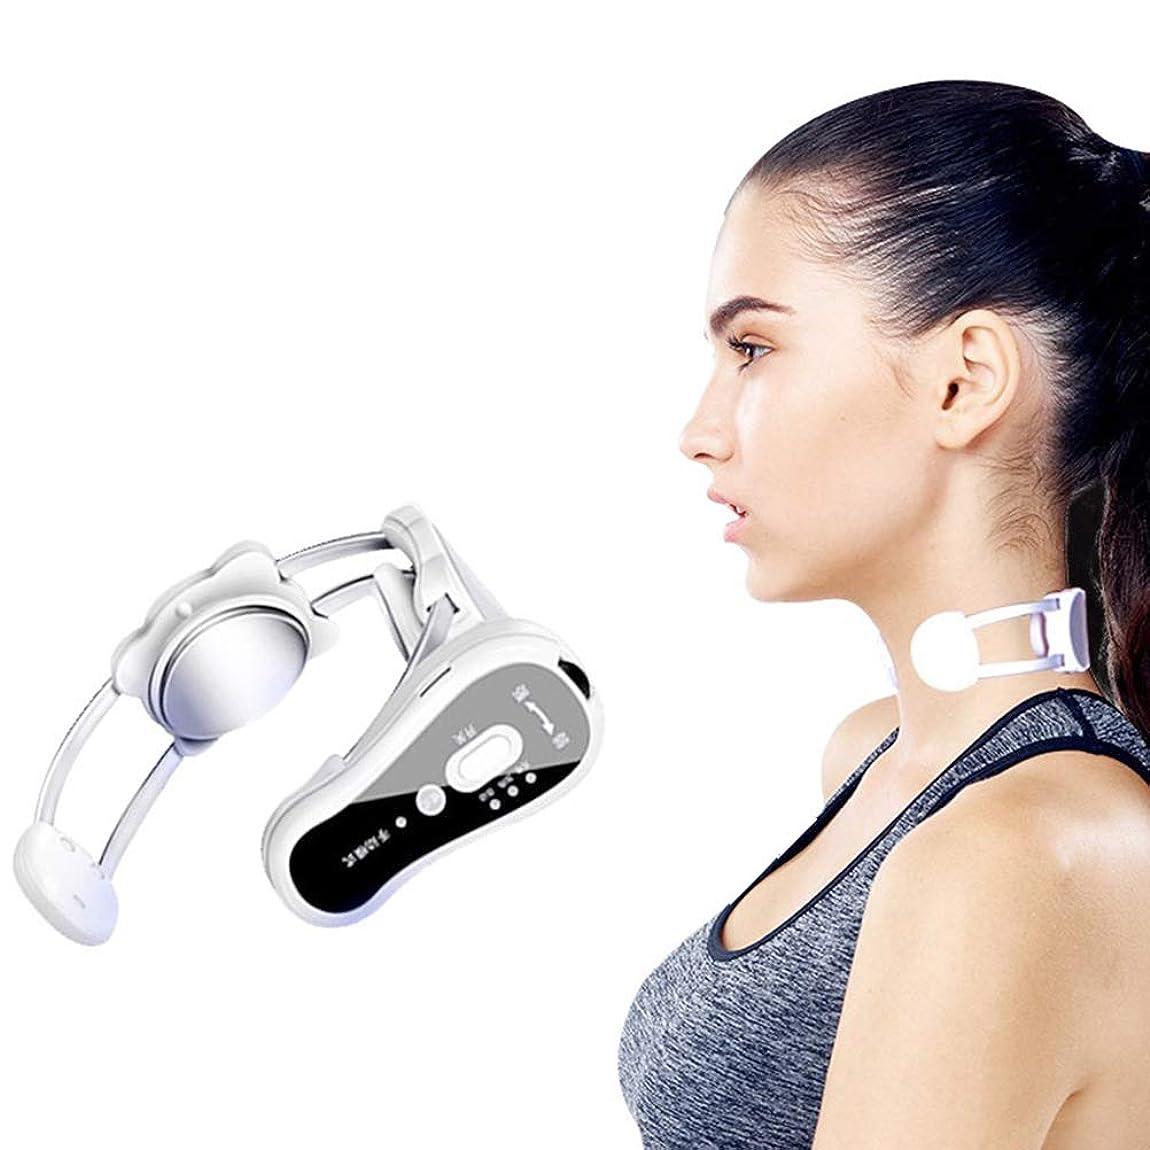 忠誠鎖にじみ出る電気の 熱振動機能を備えた指圧首と肩の背中のマッサージャー、筋肉の緊張の痛みの軽減ベストギフト ポータブル, white